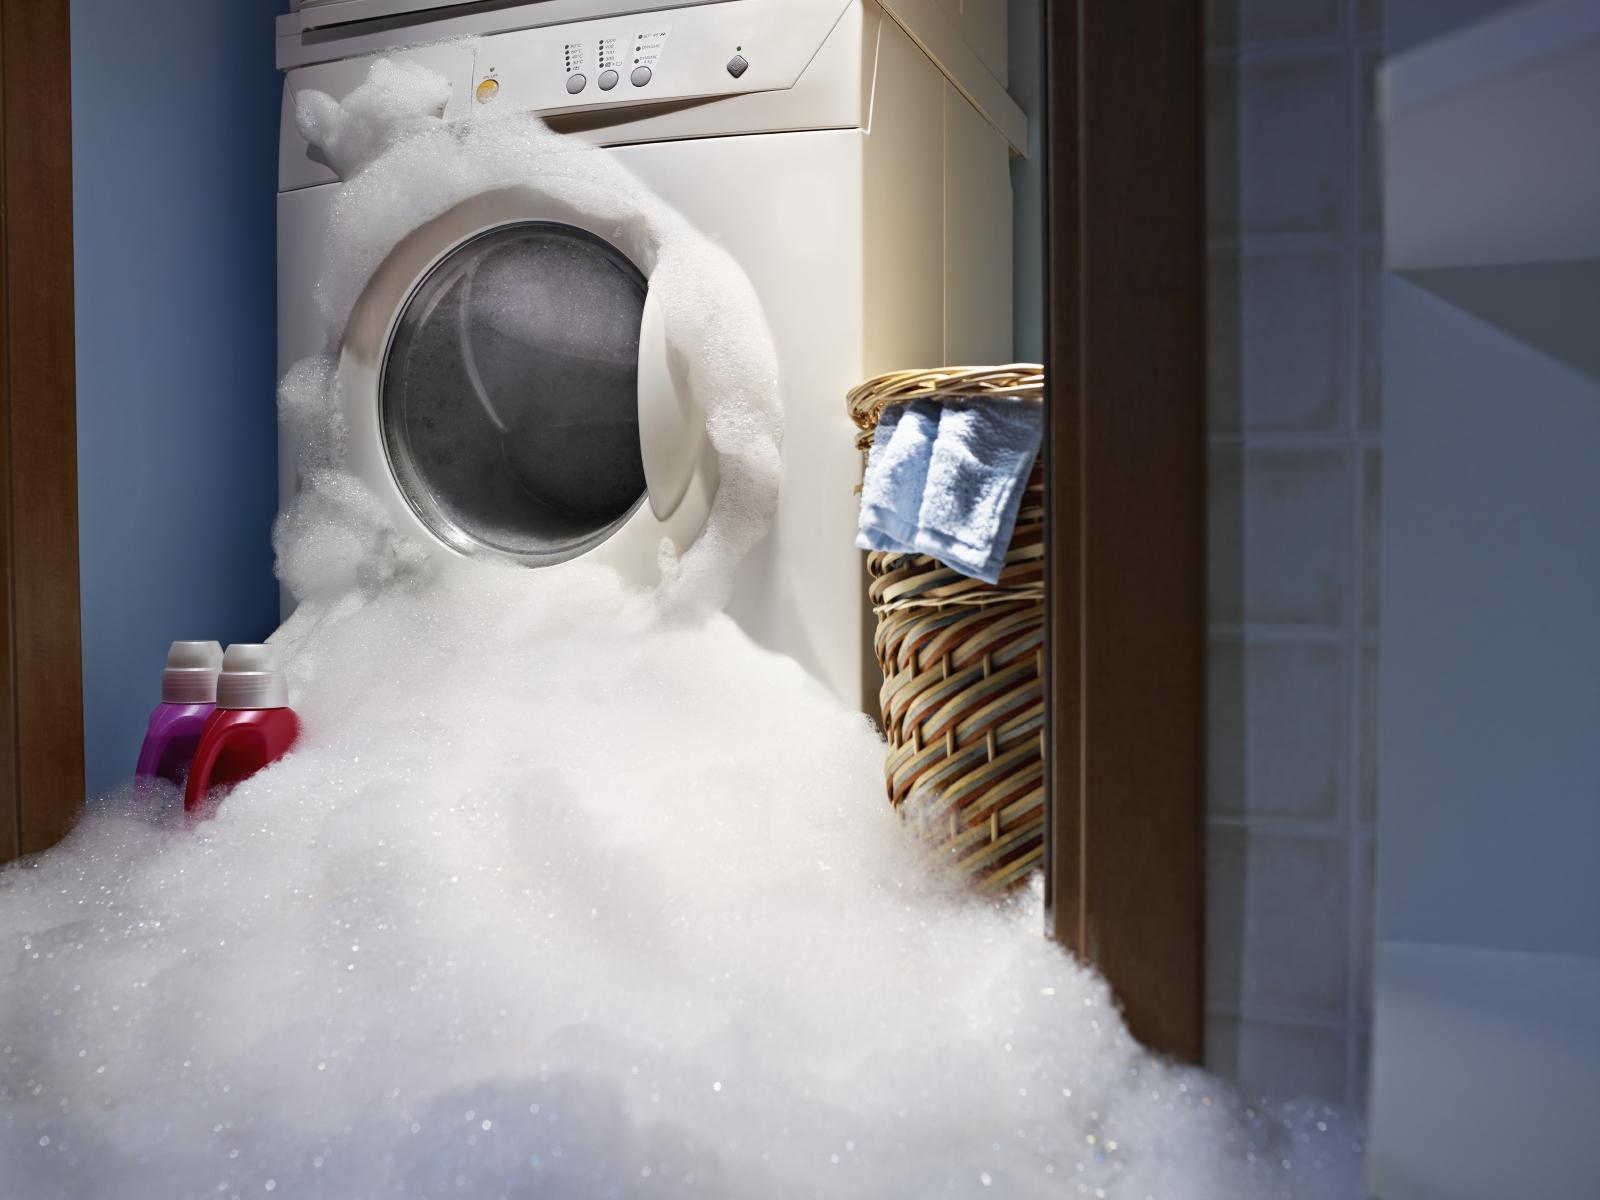 Pranie spodni czyli radosna bezmyślność